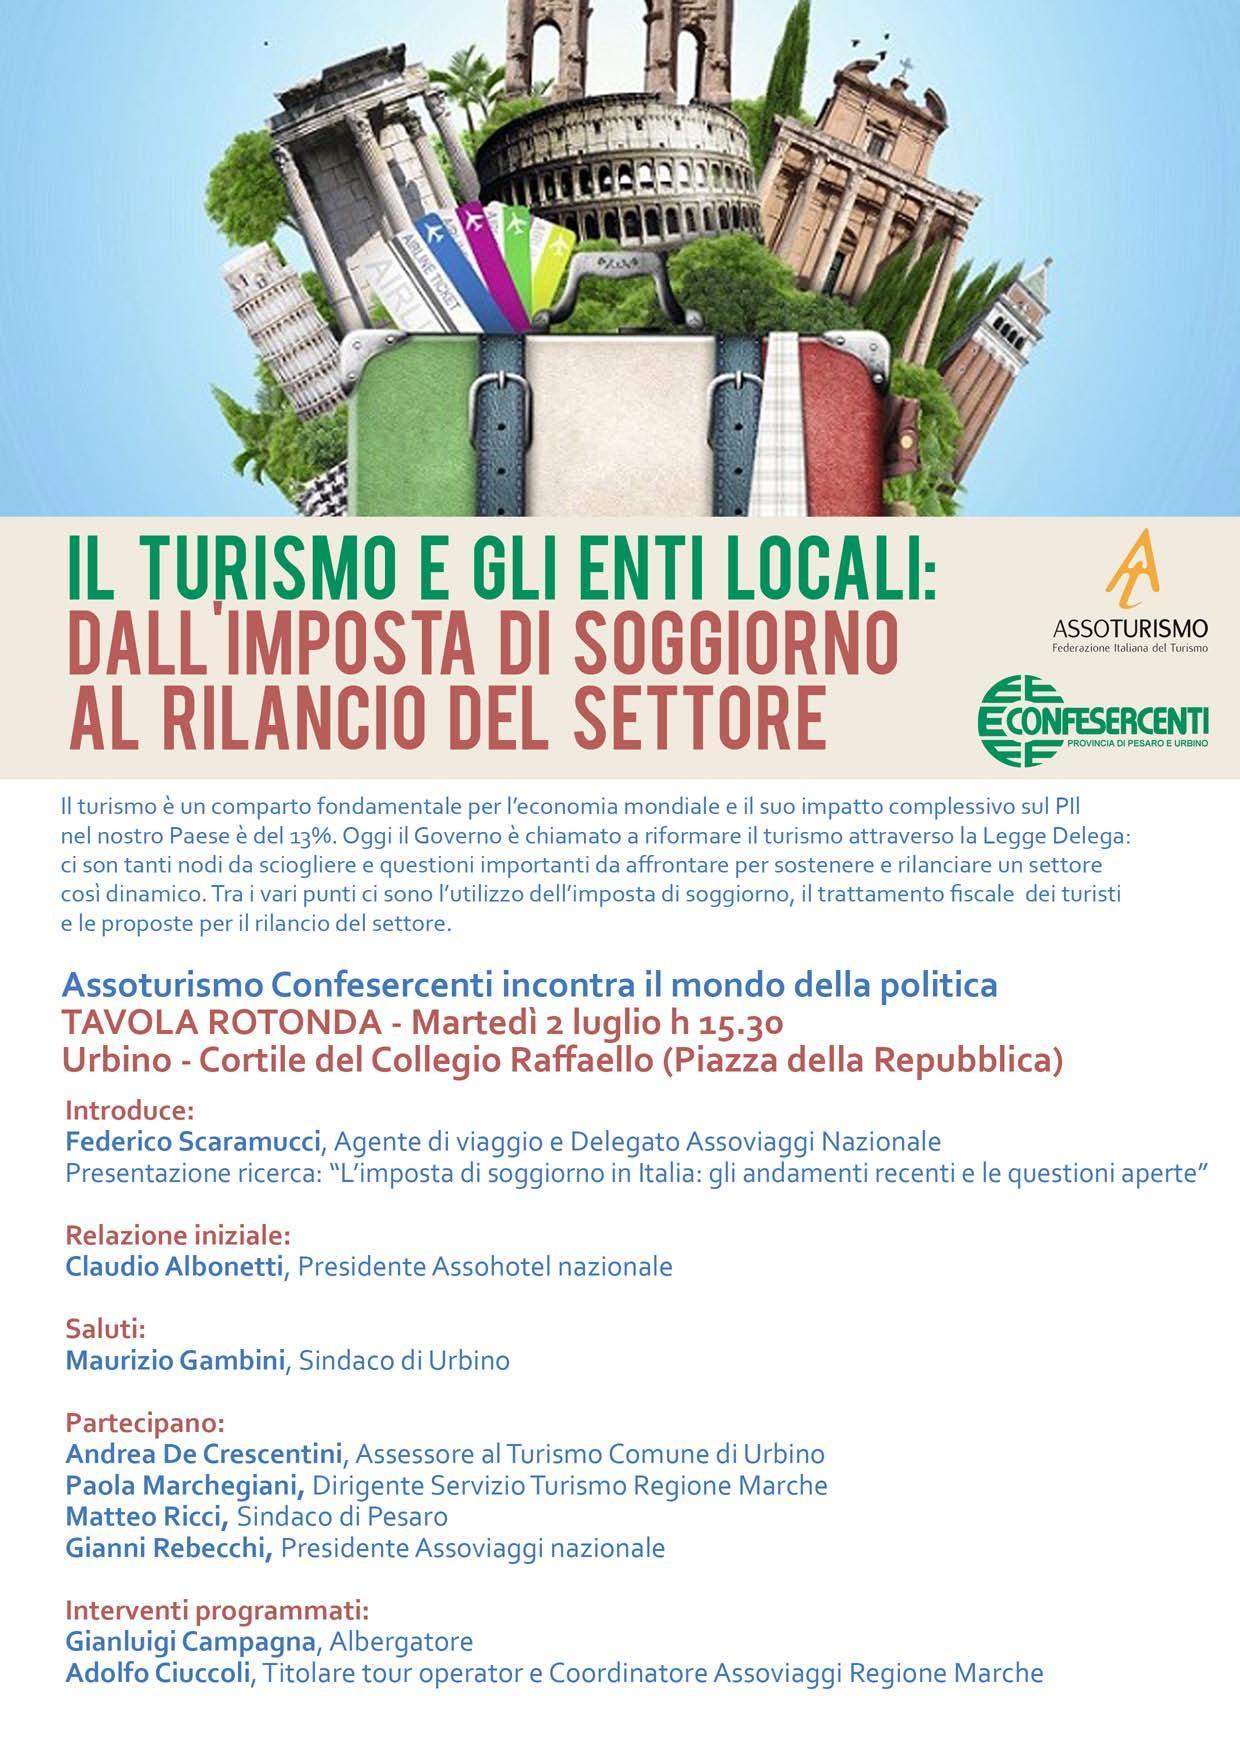 Soggiorno In Italia Per Turismo